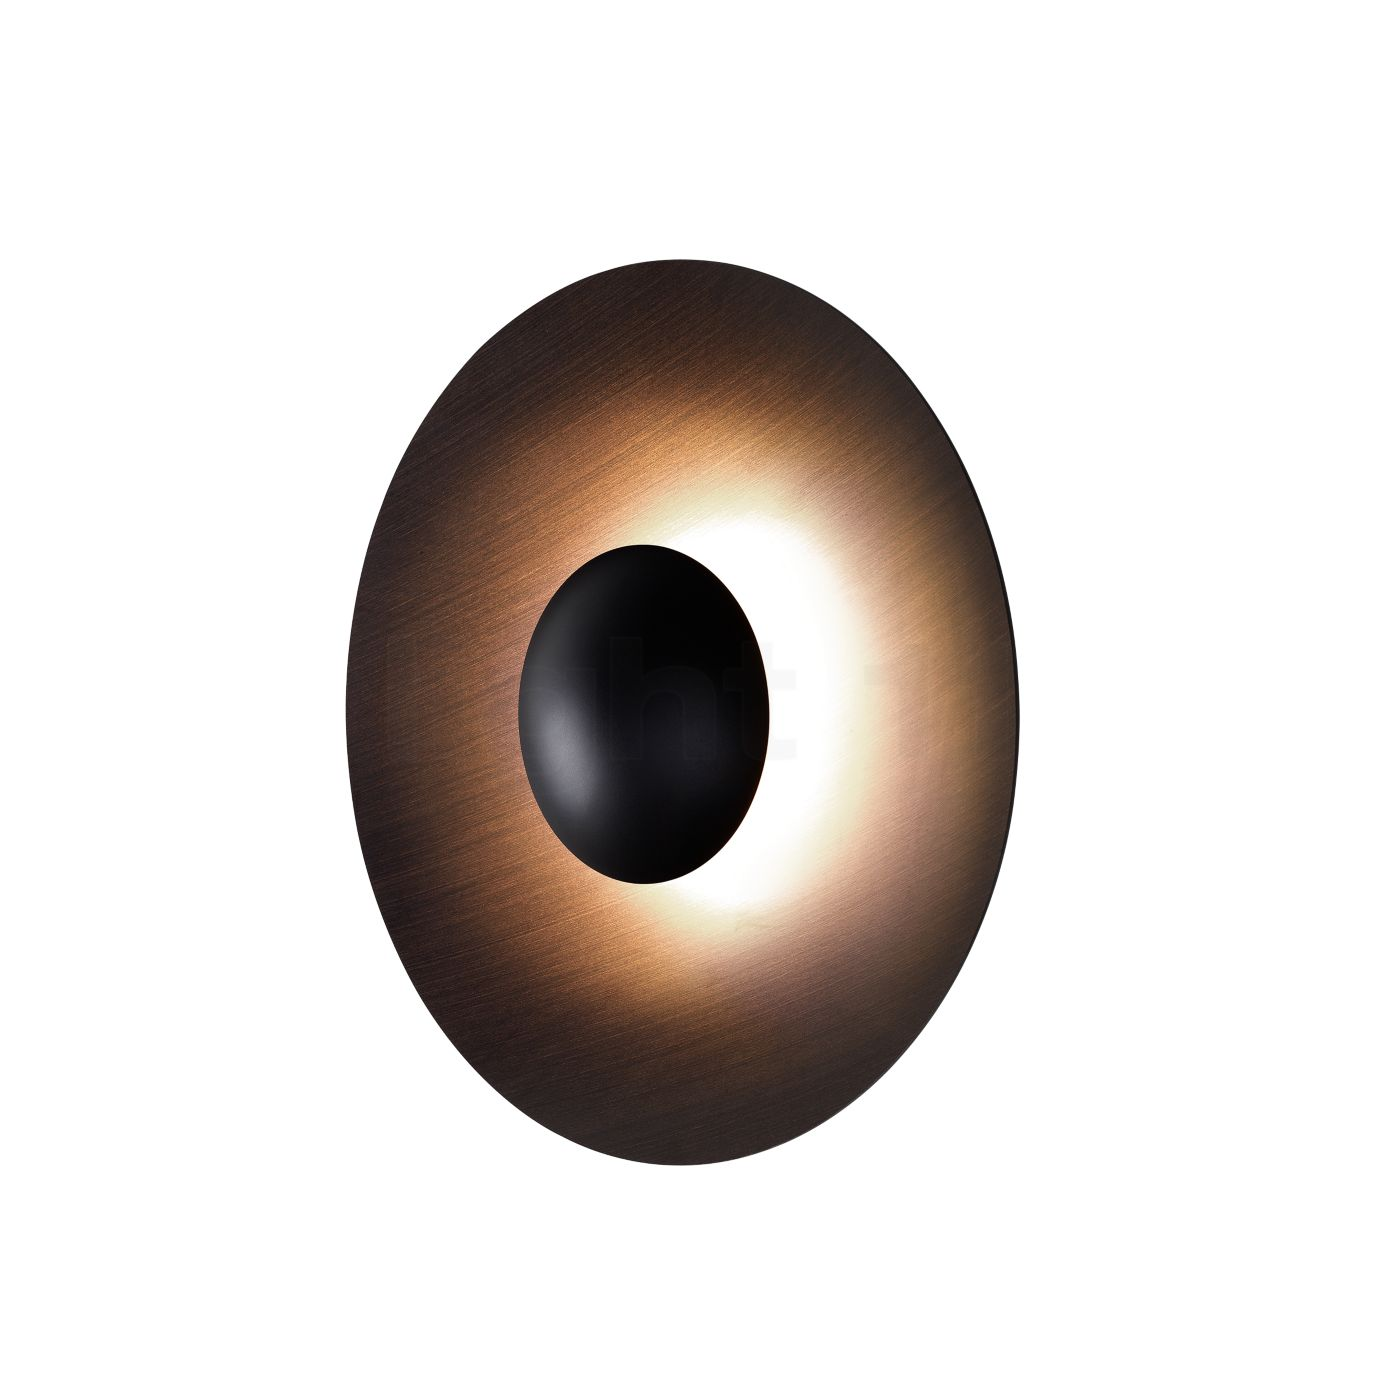 Marset Ginger 42 Wand-/Deckenleuchte LED, Wenge A662-153